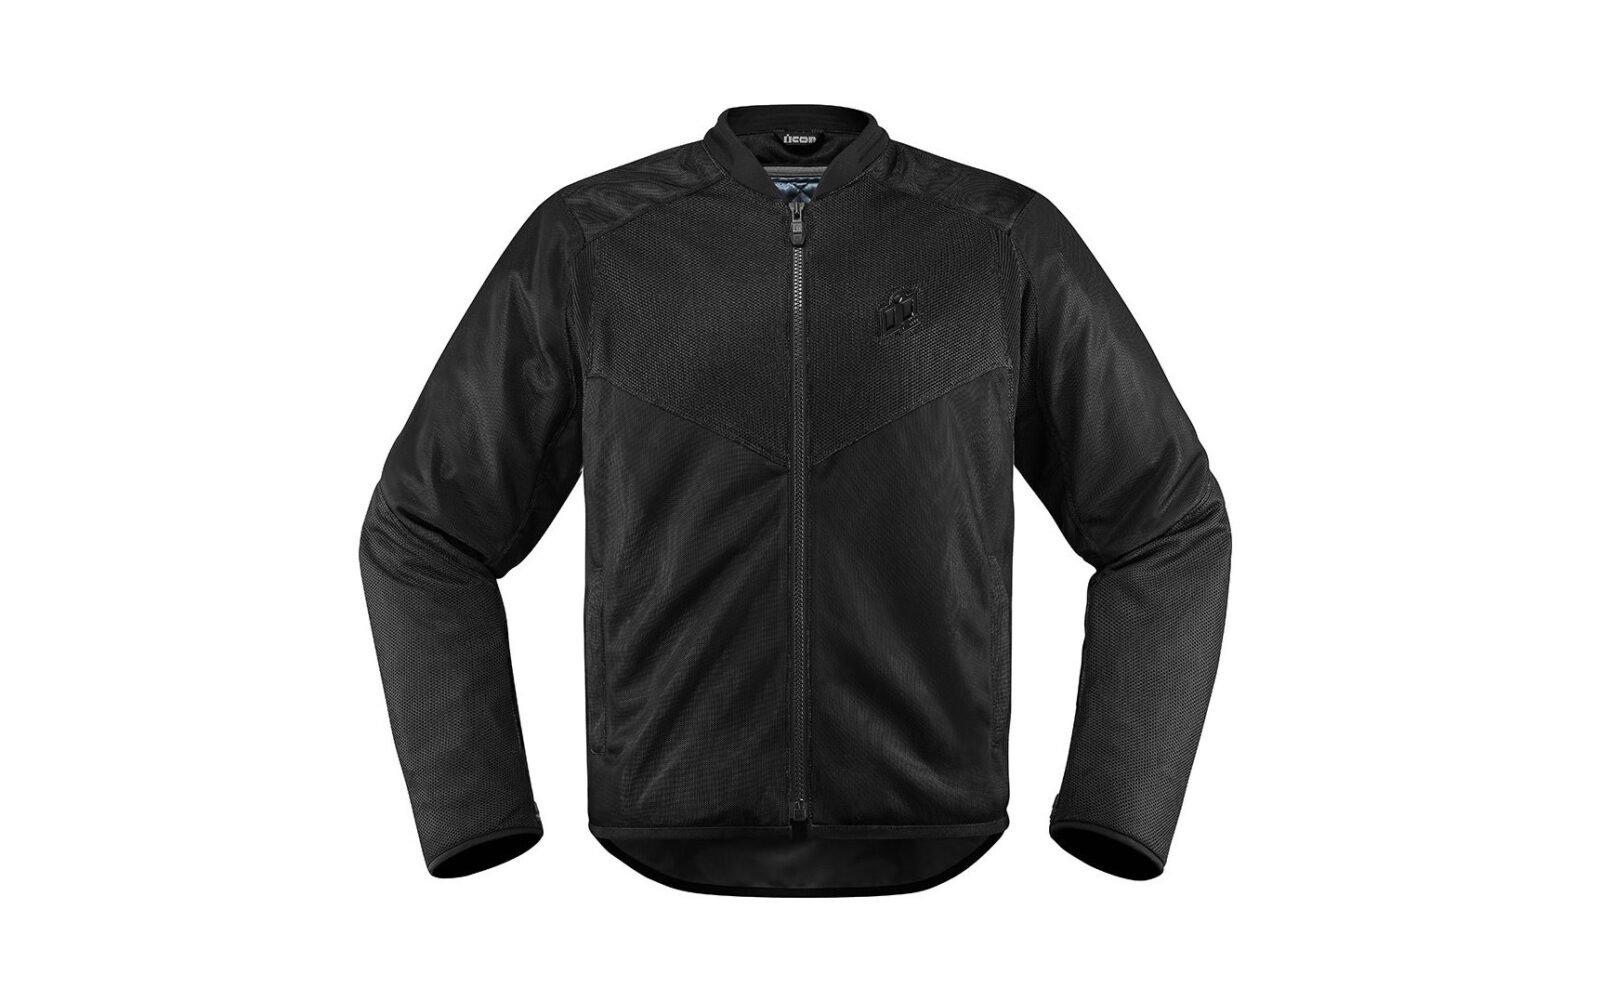 Icon Anthem 2 Summer Motorcycle Jacket 1600x1002 - Icon Anthem 2 Summer Motorcycle Jacket